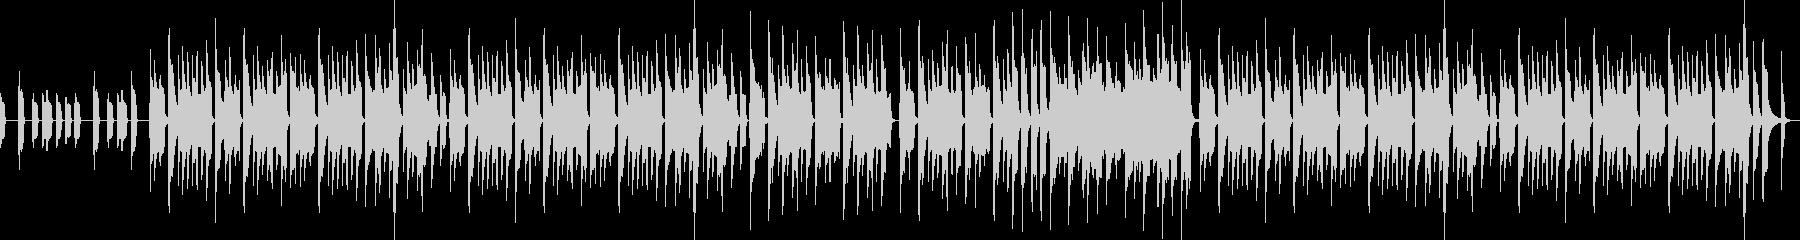 ミニゲーム的な明るいBGMの未再生の波形